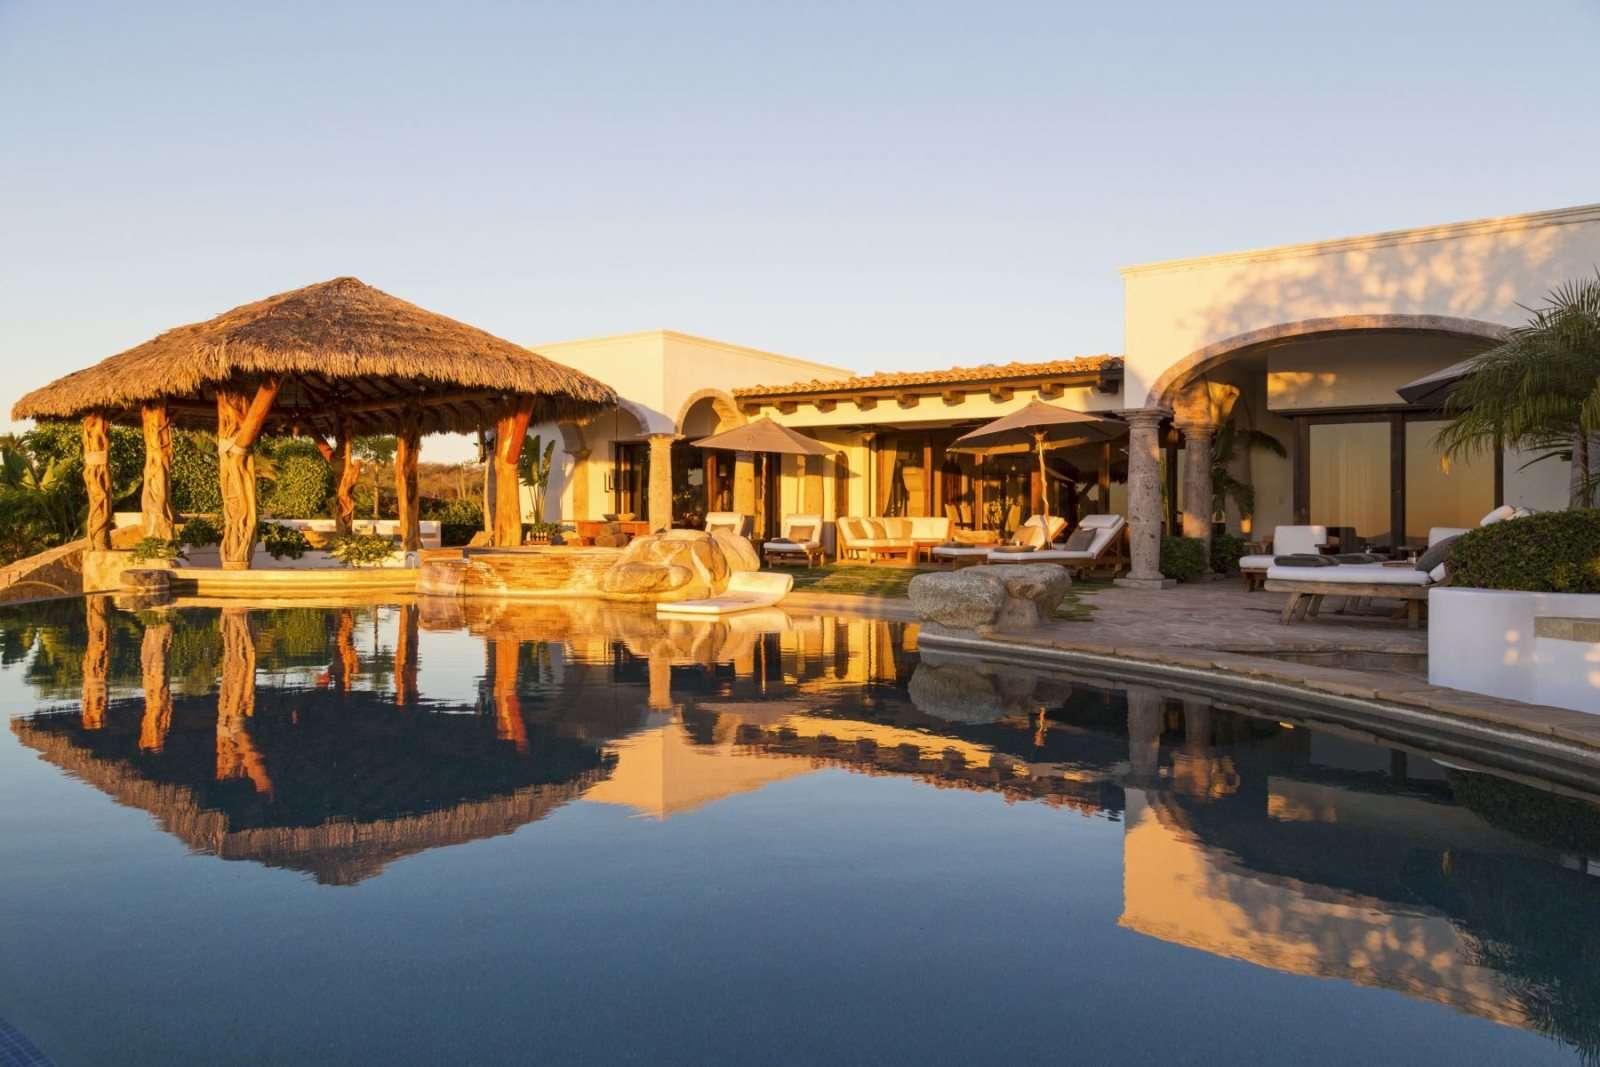 Luxury vacation rentals mexico - Los cabos - Cabo - Cabo delsol - Casa Damiana - Image 1/22